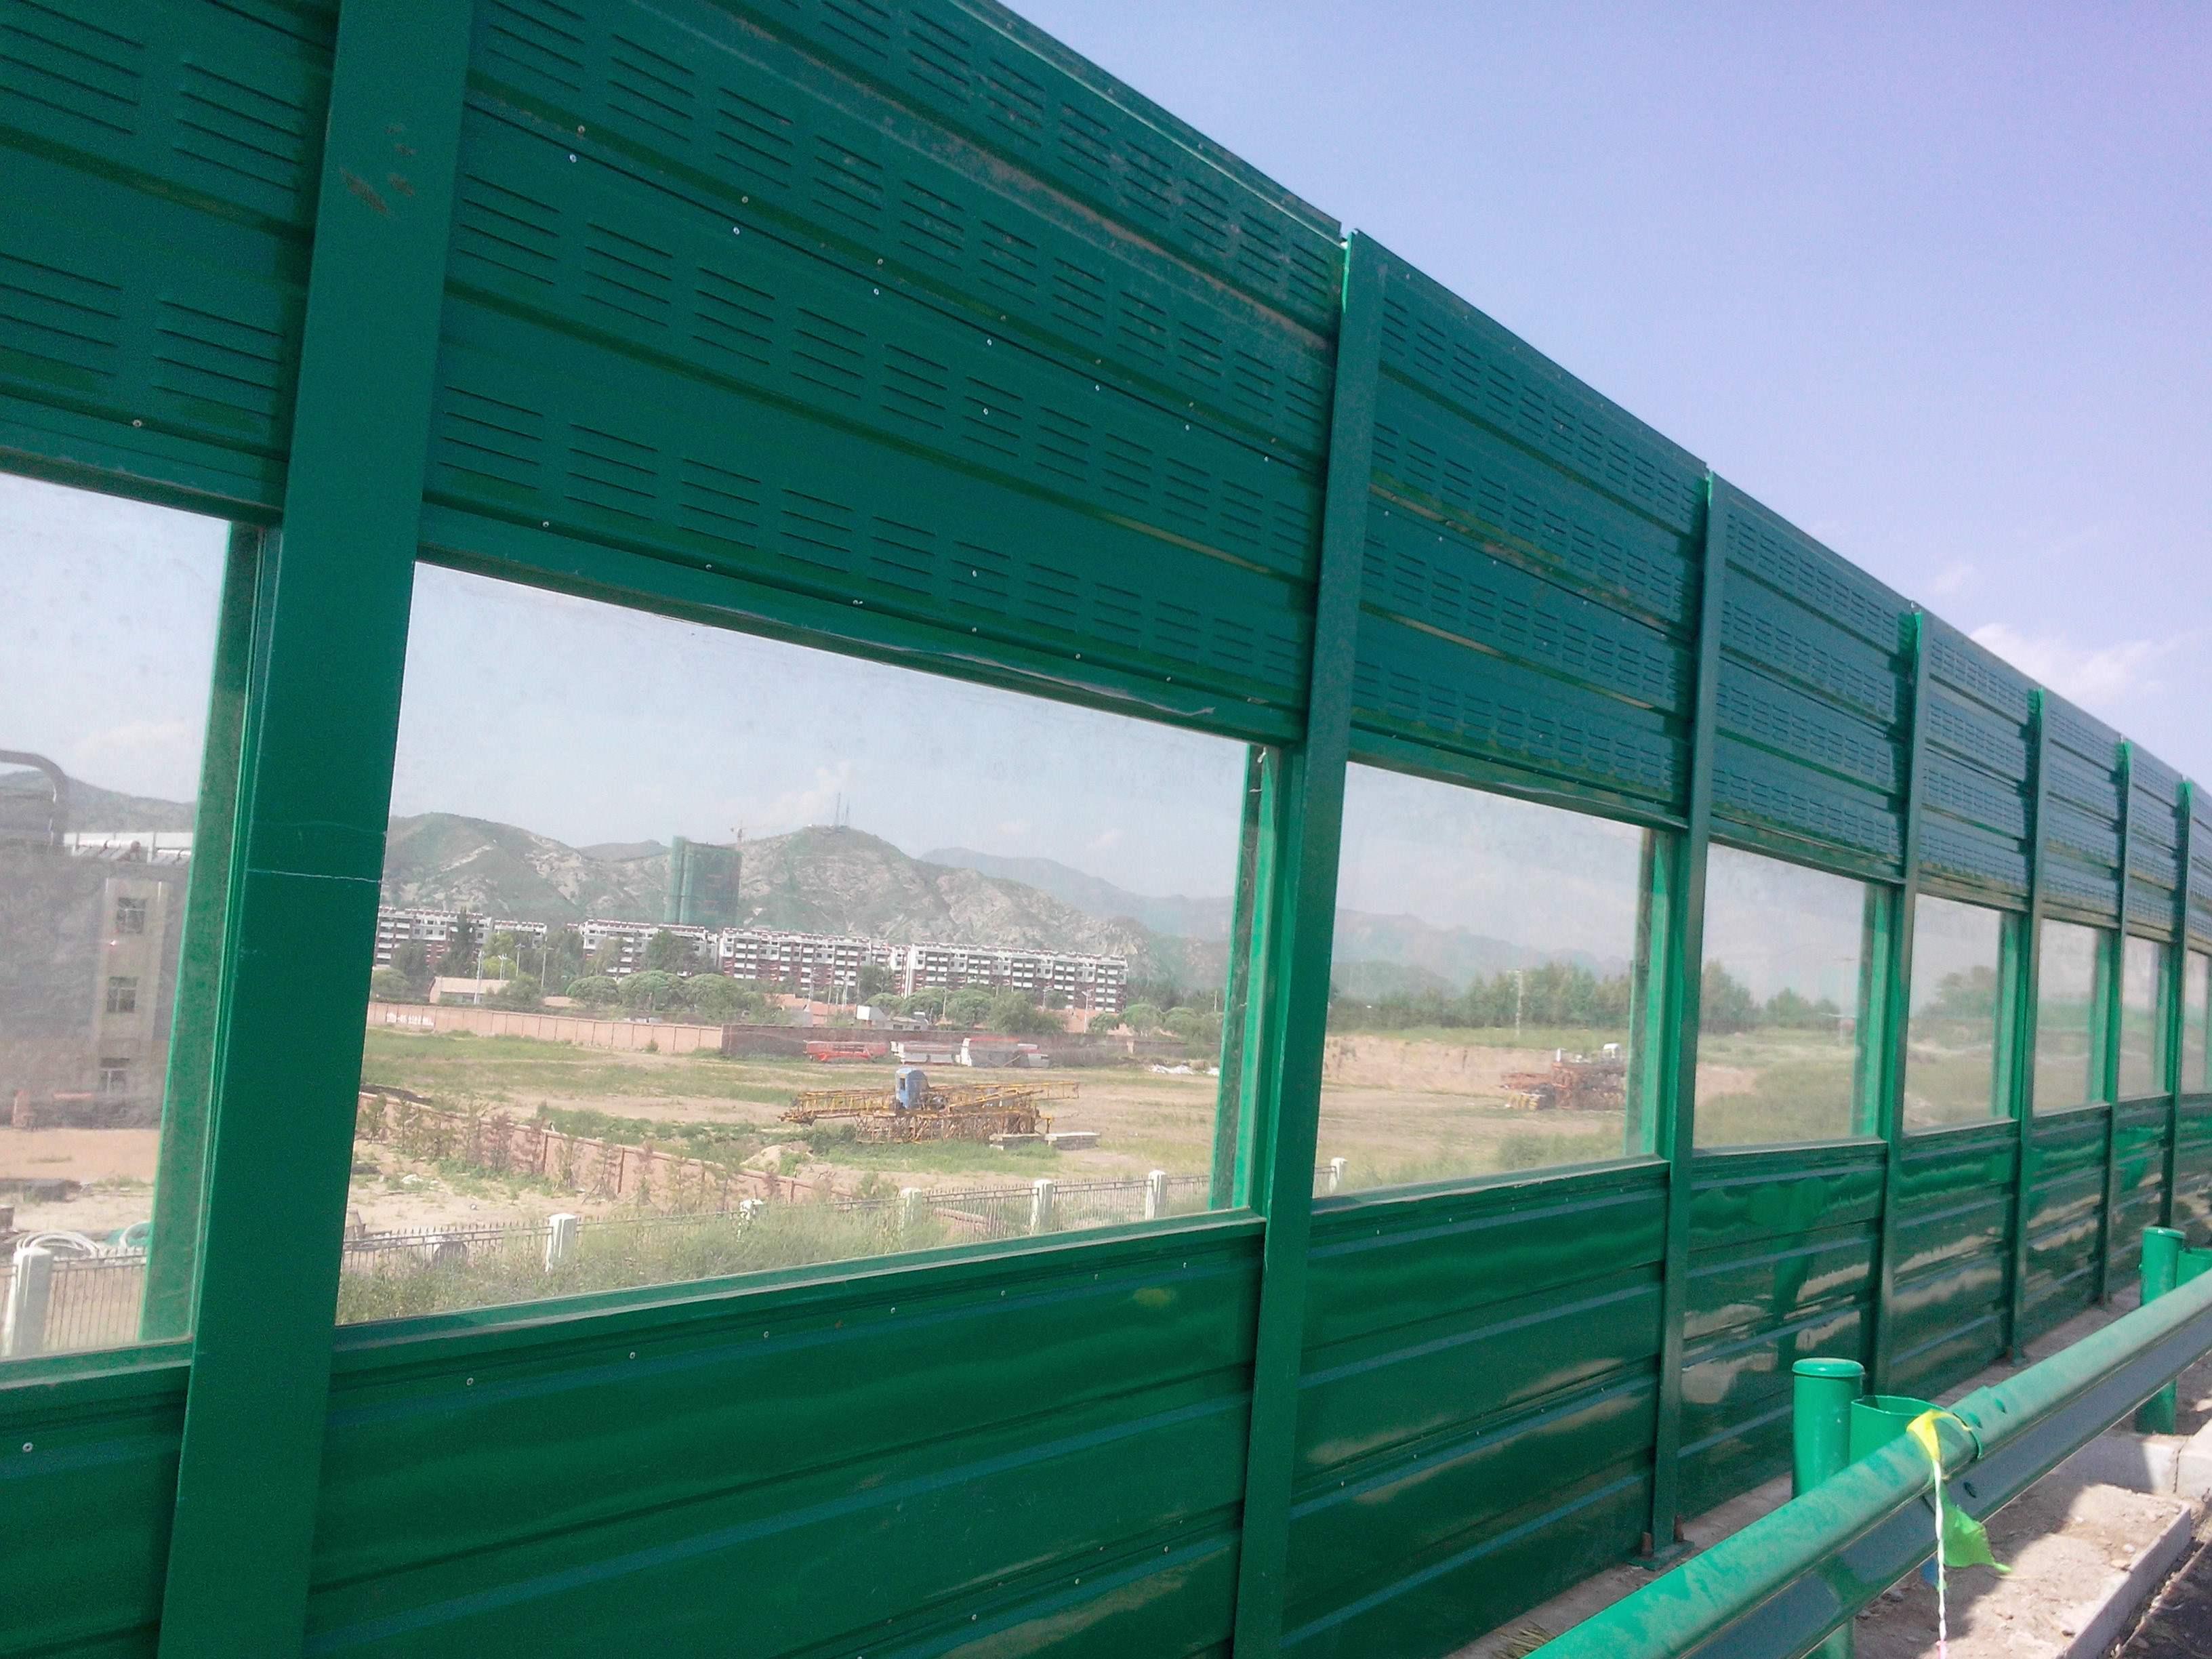 镀锌板玻璃棉隔音降噪声屏障隔音墙吸声屏